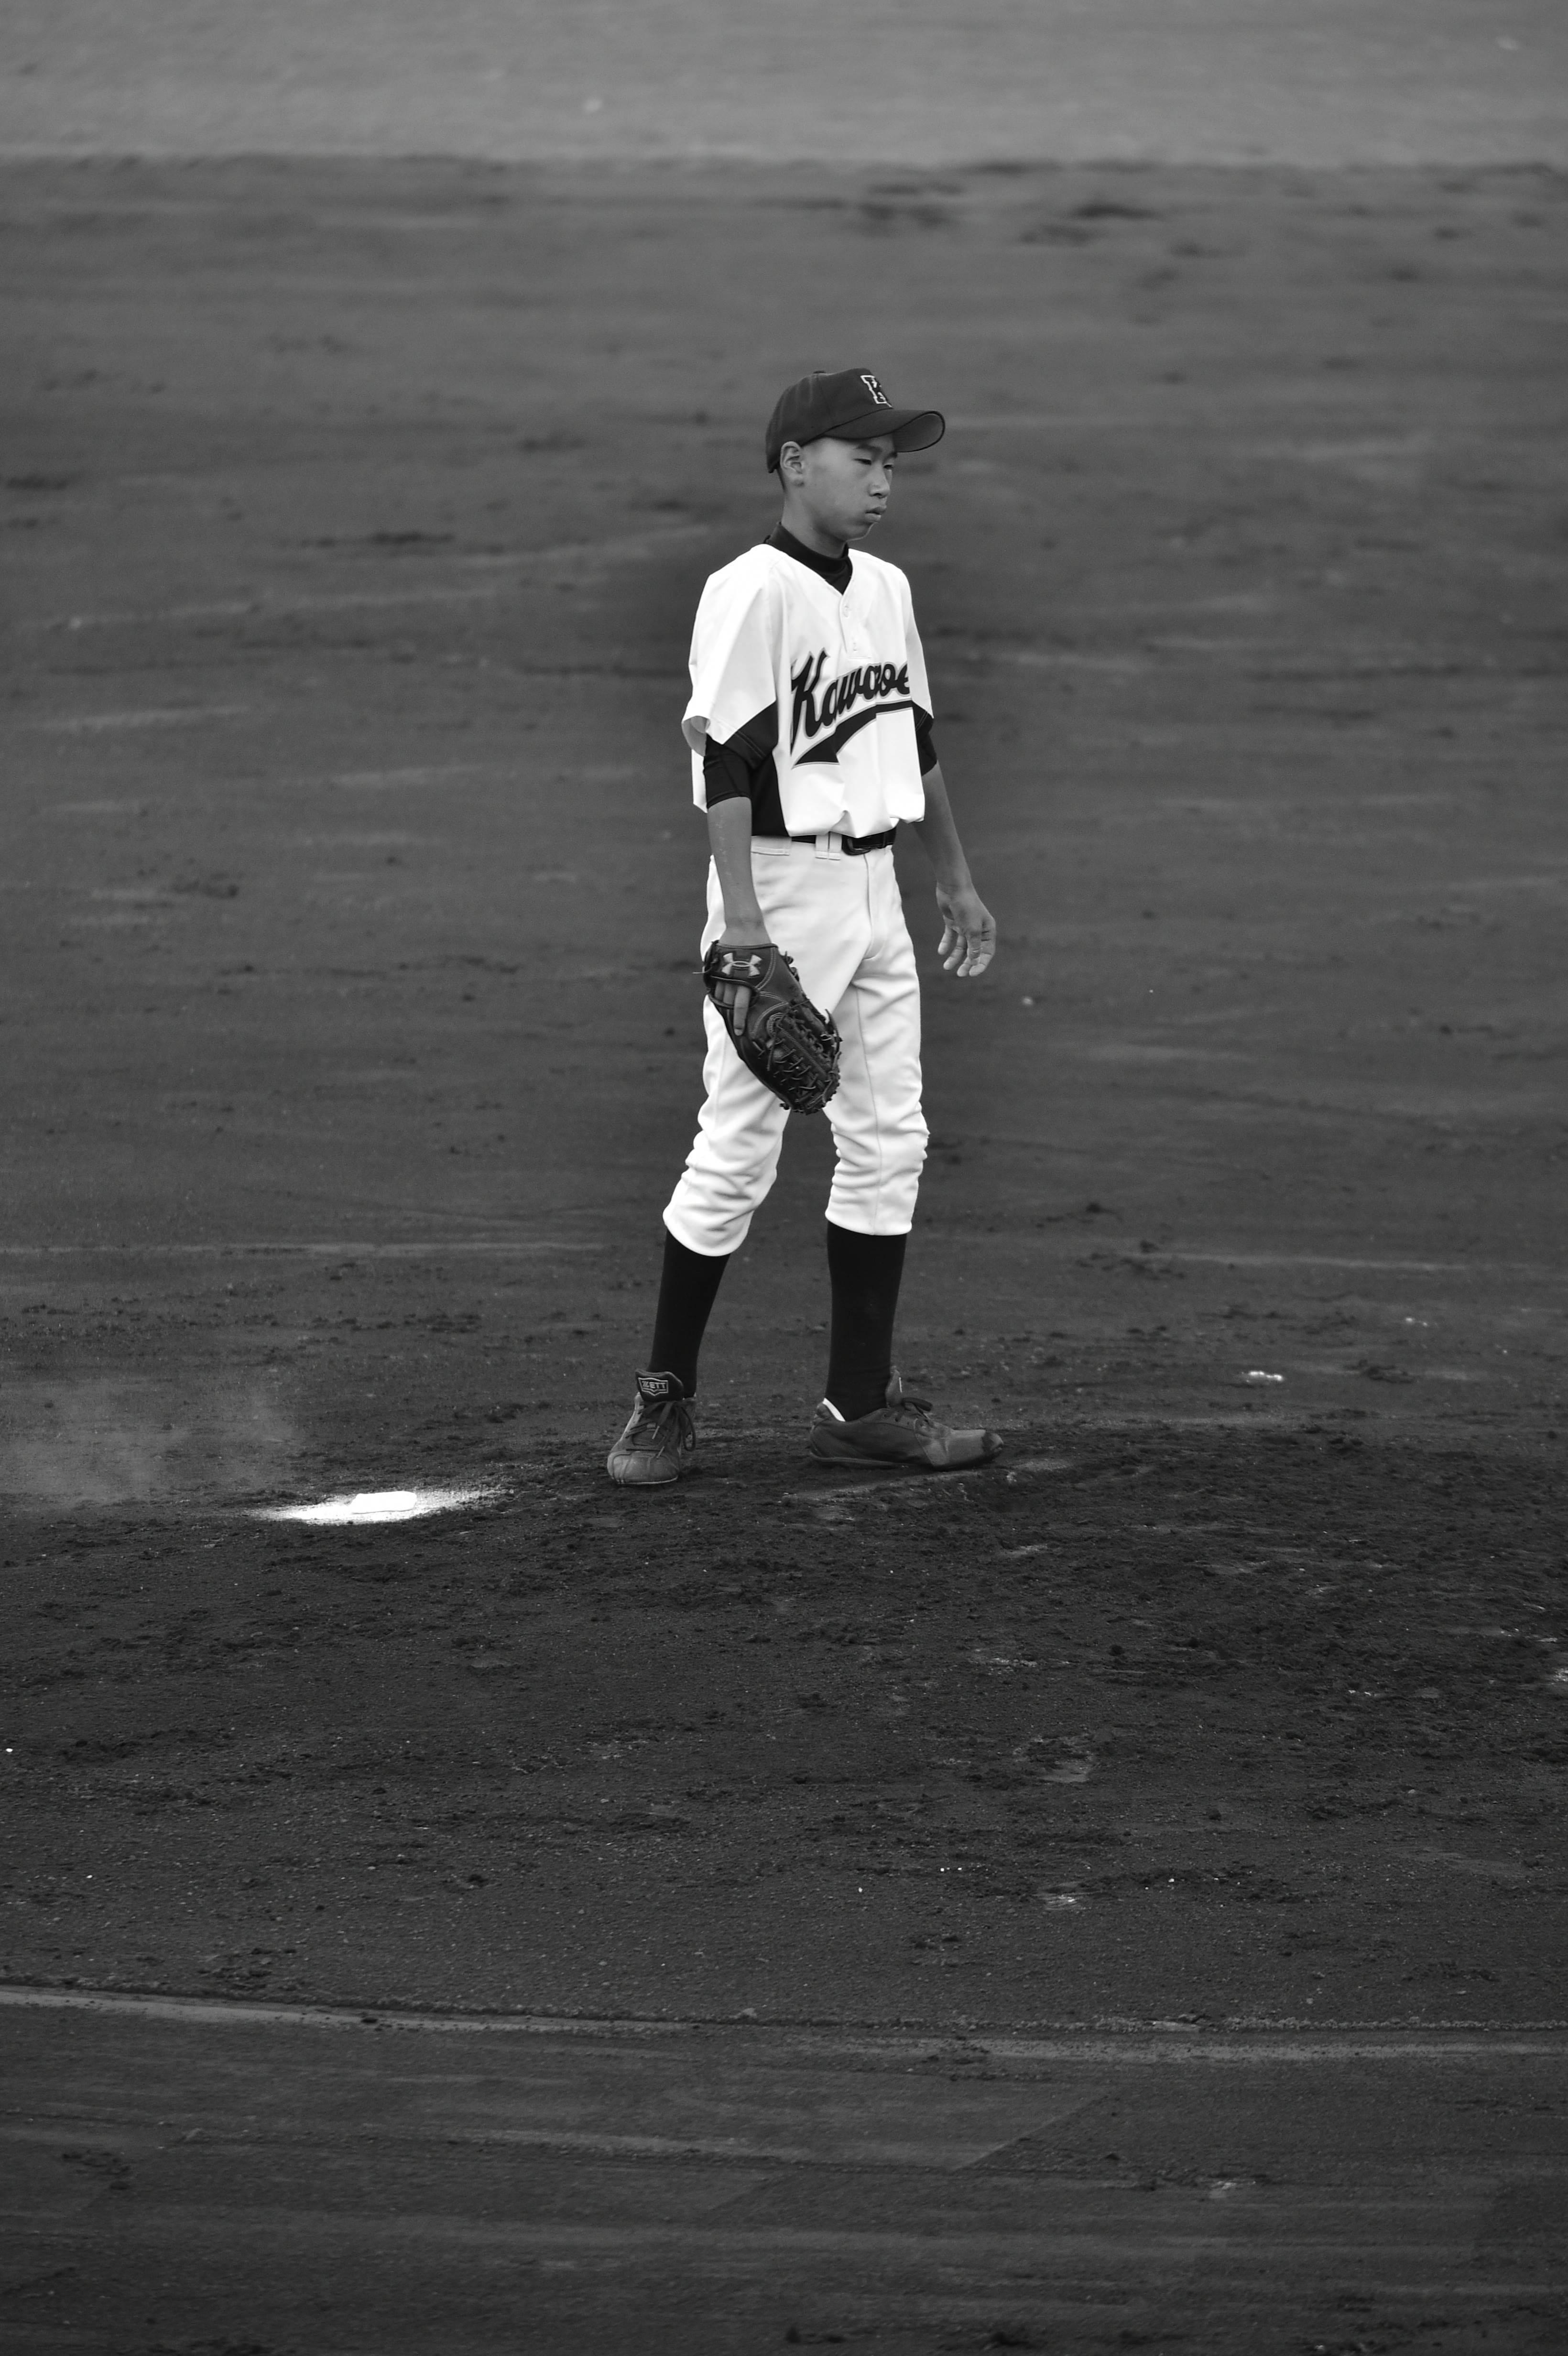 軟式野球 (227)